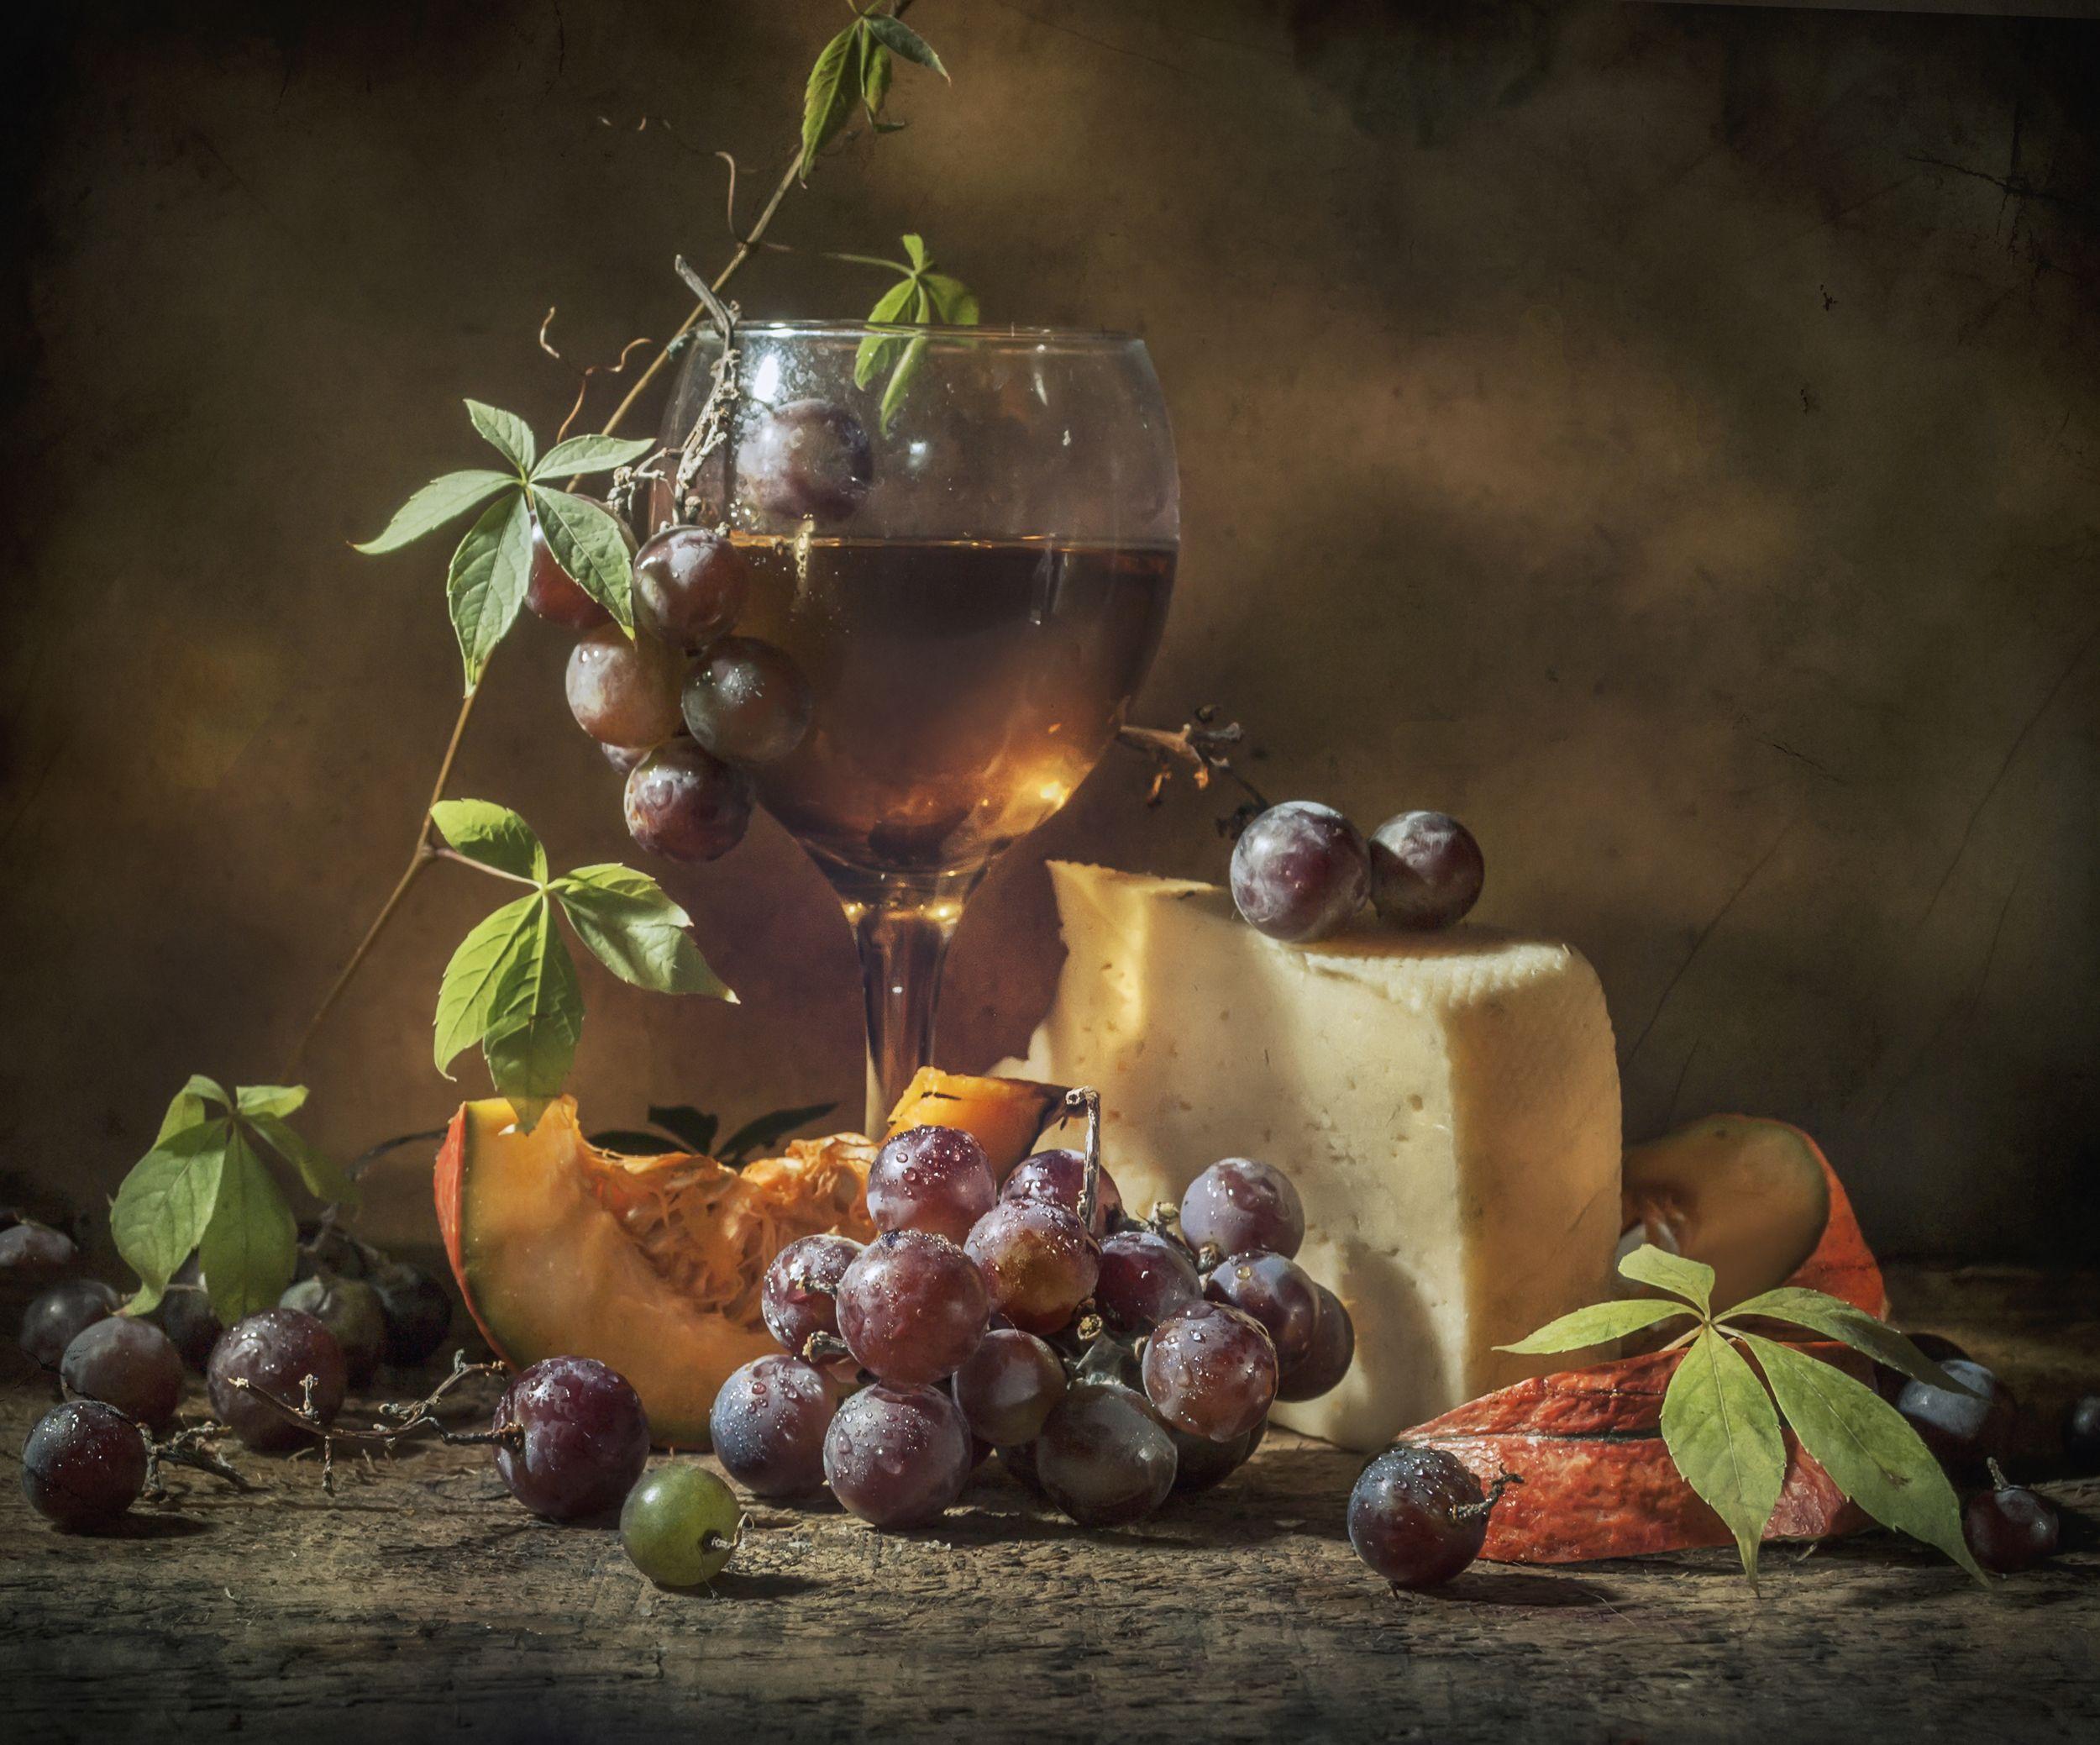 осень,тыква,бокал,вино,виноград,листики,оранжевый,сыр, Володин Владимир